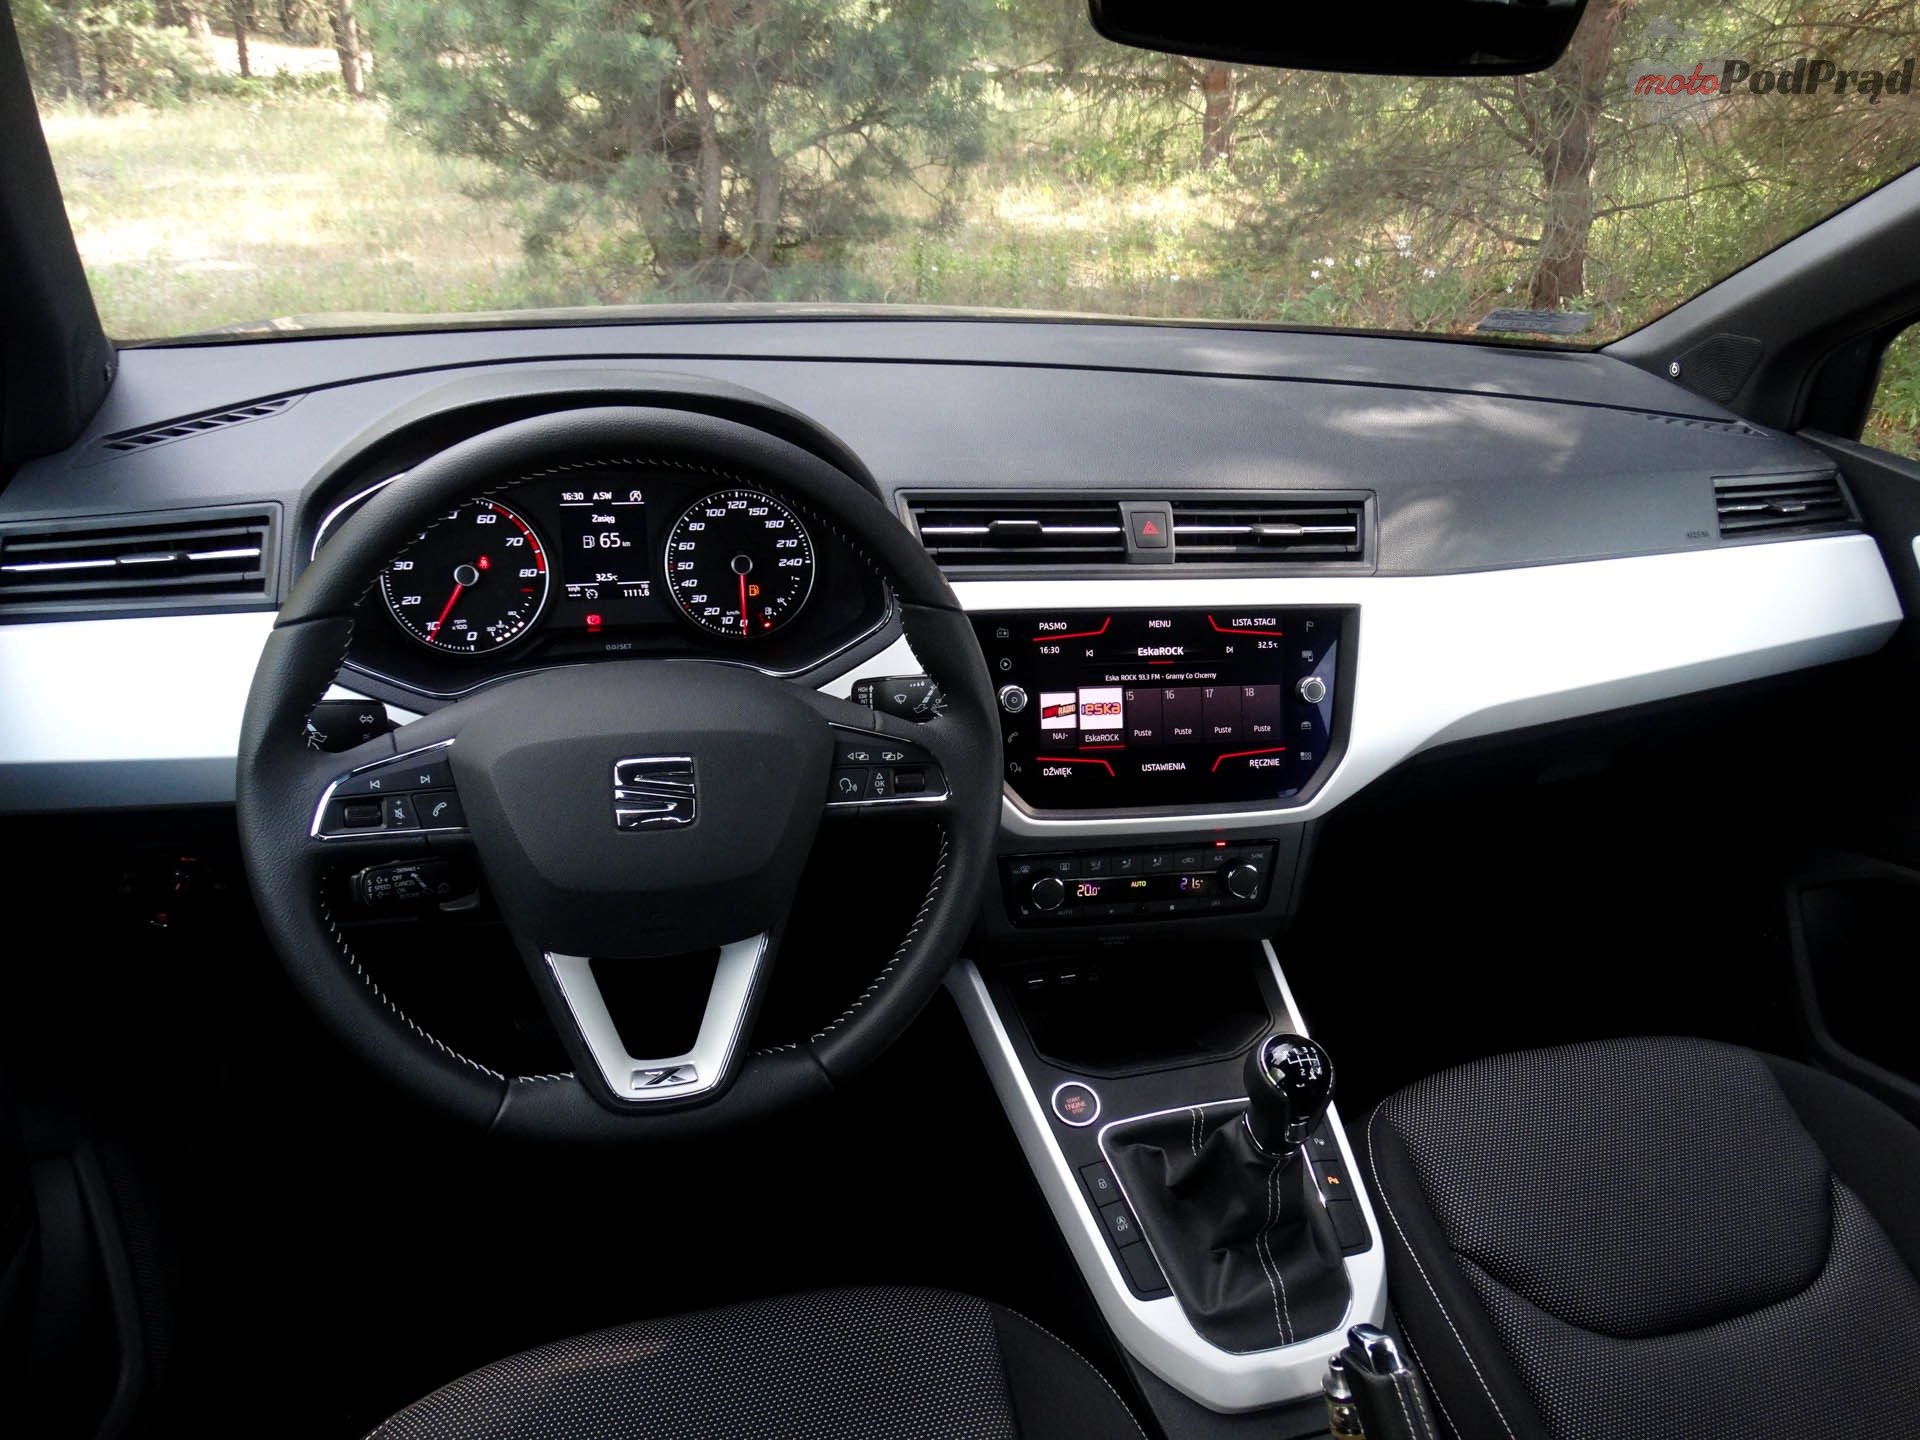 Seat Arona 11 Porównanie: Hyundai Kona 1.0 kontra Seat Arona 1.0